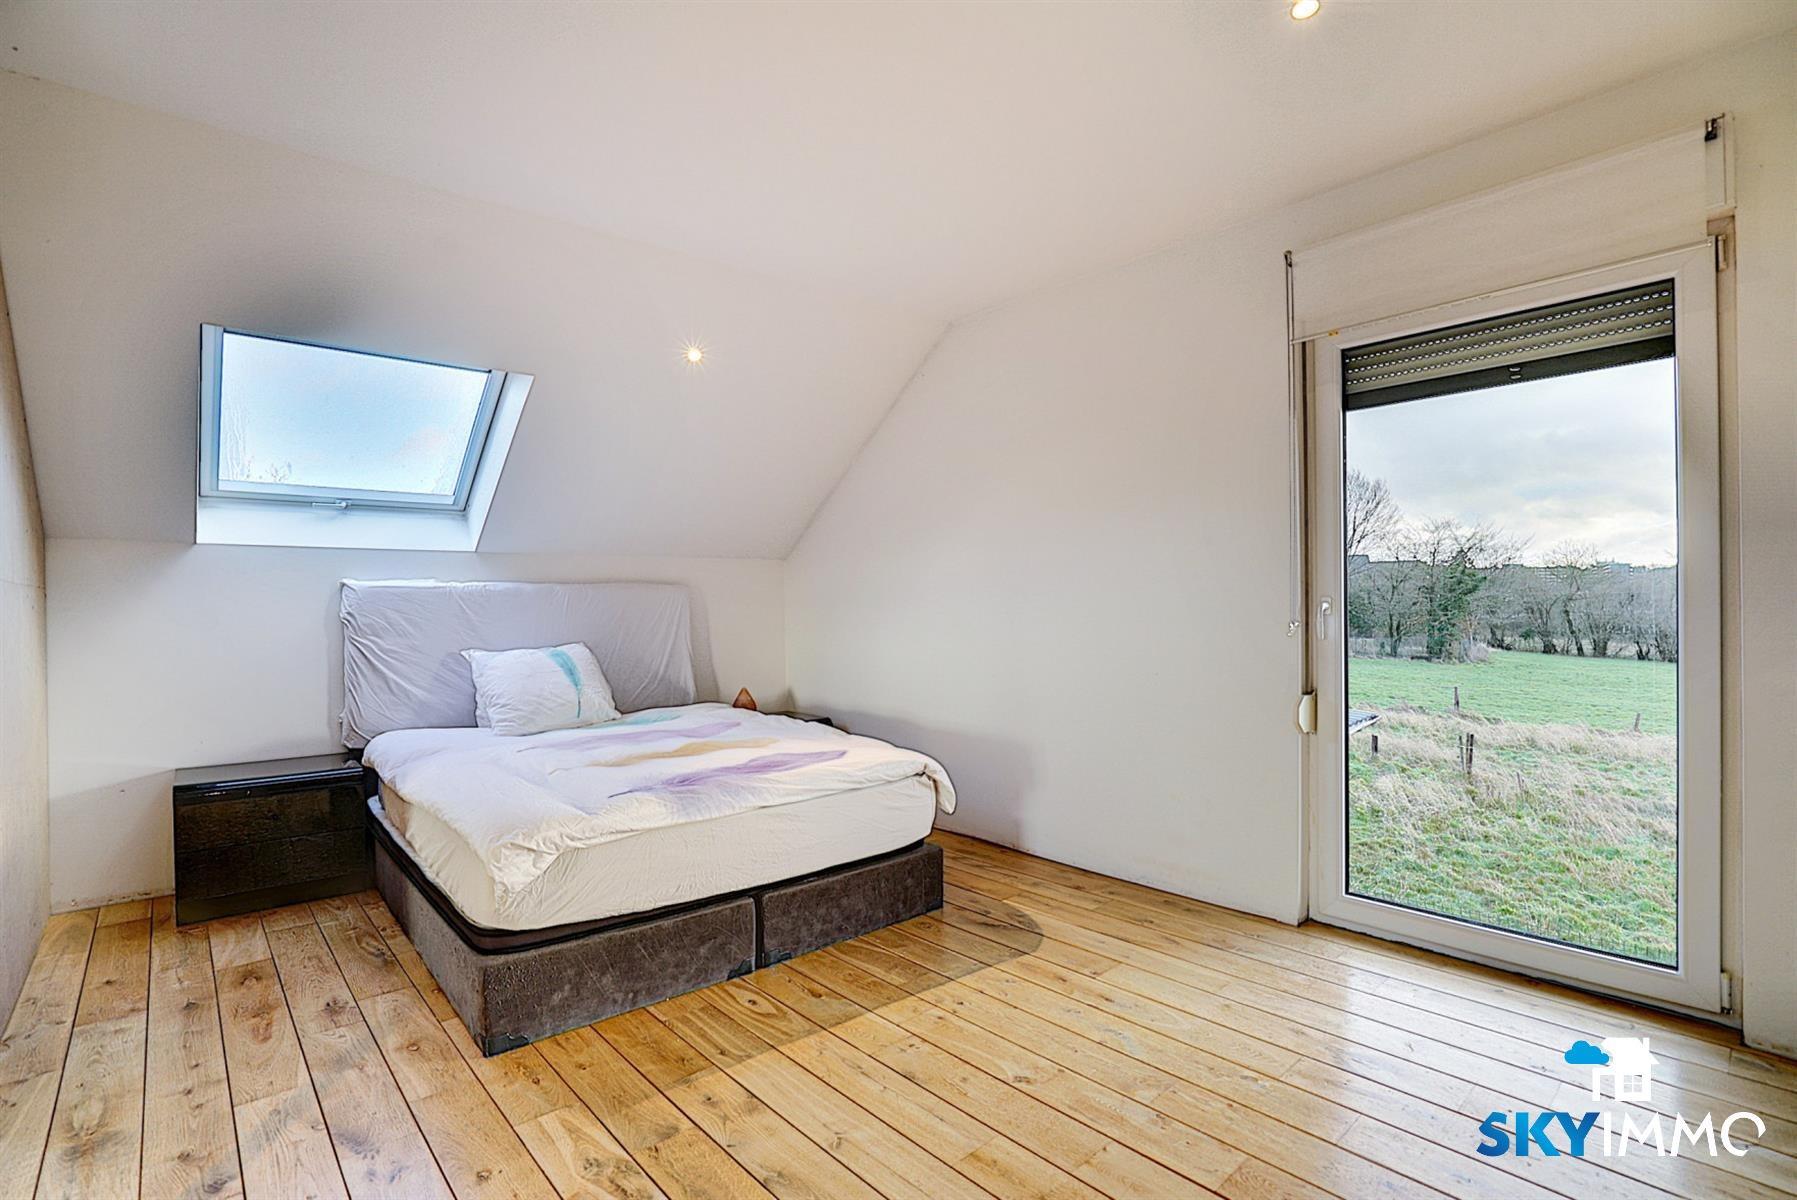 Huis - Boncelles - #4252860-16